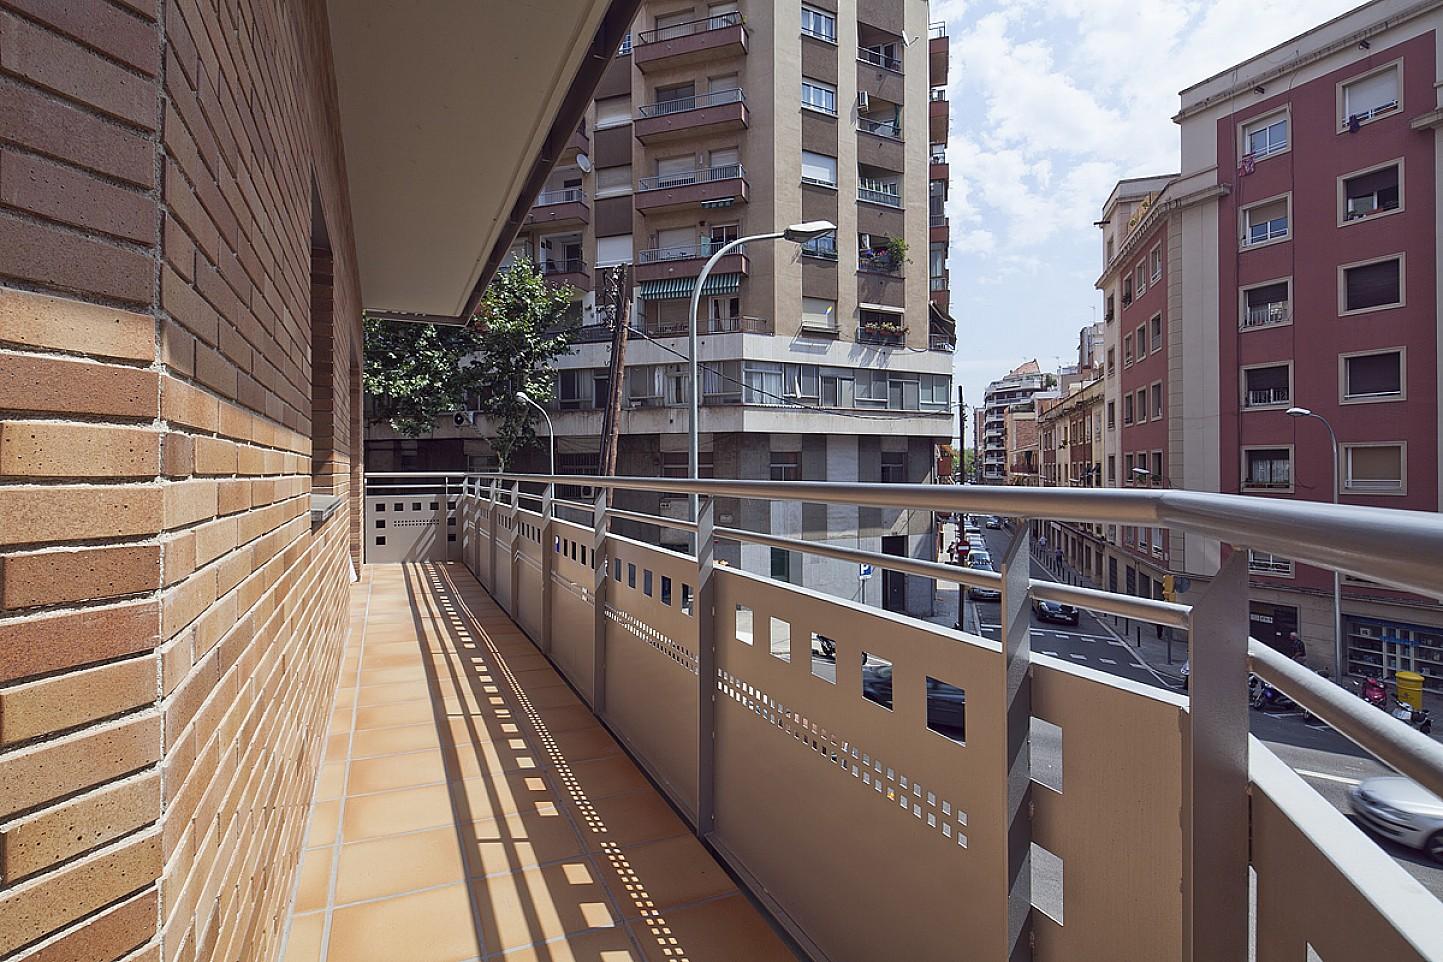 Terraza, terraza con vistas, vistas a la ciudad, terraza con vistas a la ciudad, vistas a la calle